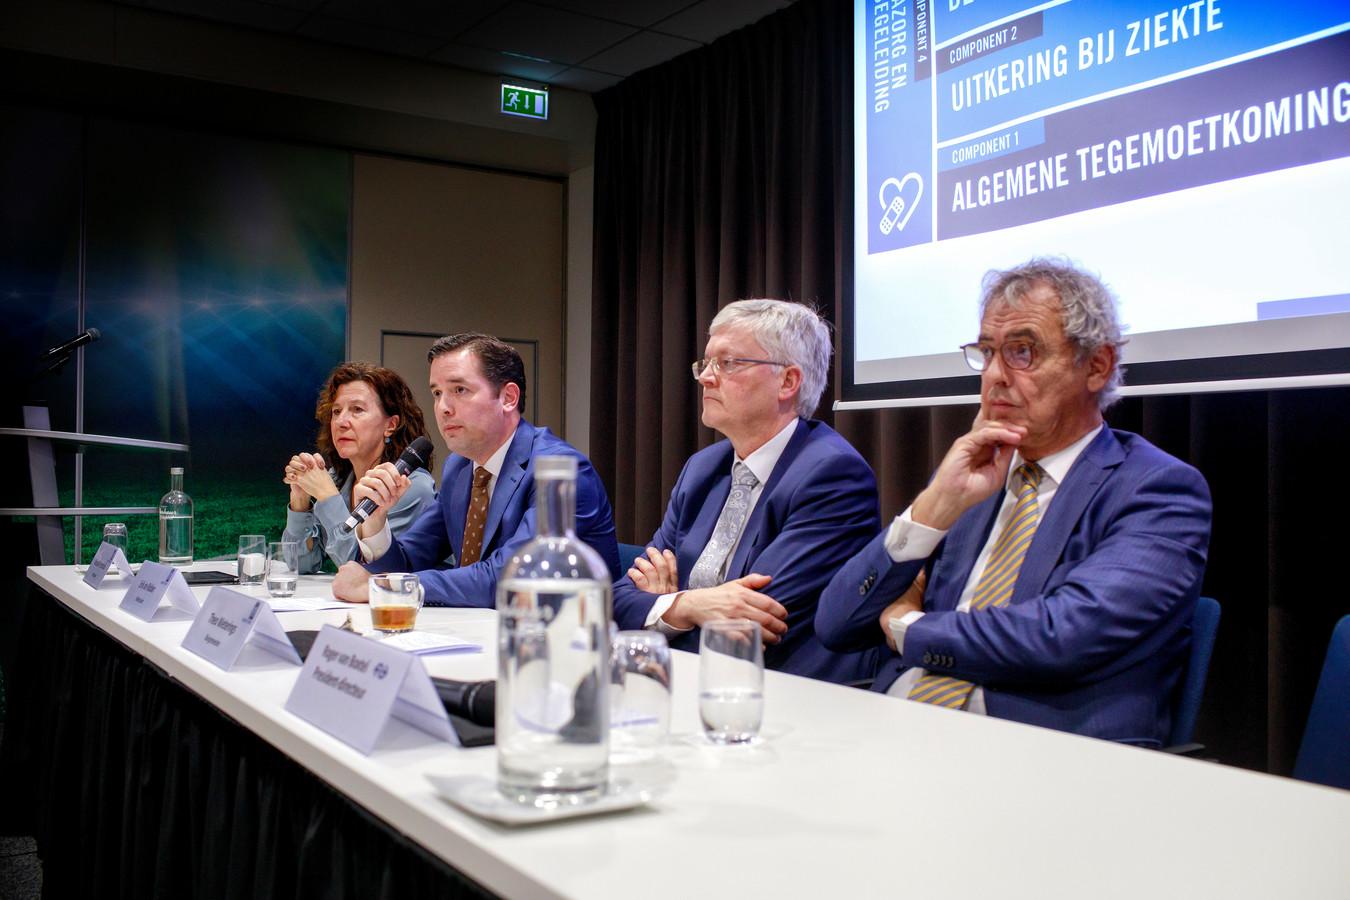 De gemeente Tilburg en de NS kwamen op 6 februari met een financiële regeling voor slachtoffers van het chroom-6-drama. Bijna twee weken later zou de gemeenteraad daarmee instemmen, ondanks het feit dat gedupeerden zélf om hogere vergoedingen vroegen.